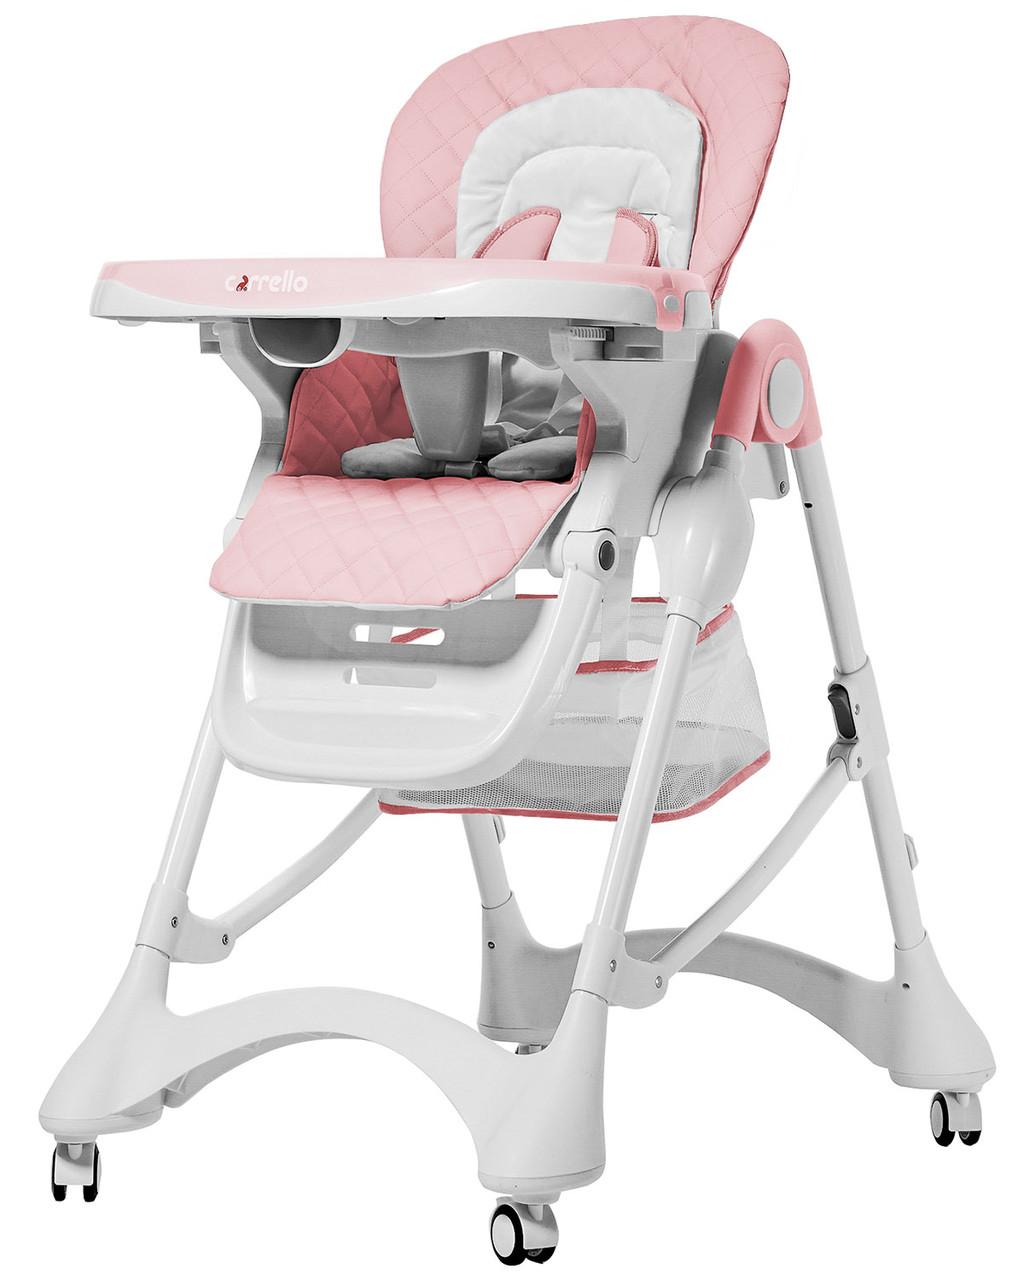 Детский стульчик для кормления со съемным подносом CARRELLO Caramel CRL-9501/3 Candy Pink, розовый